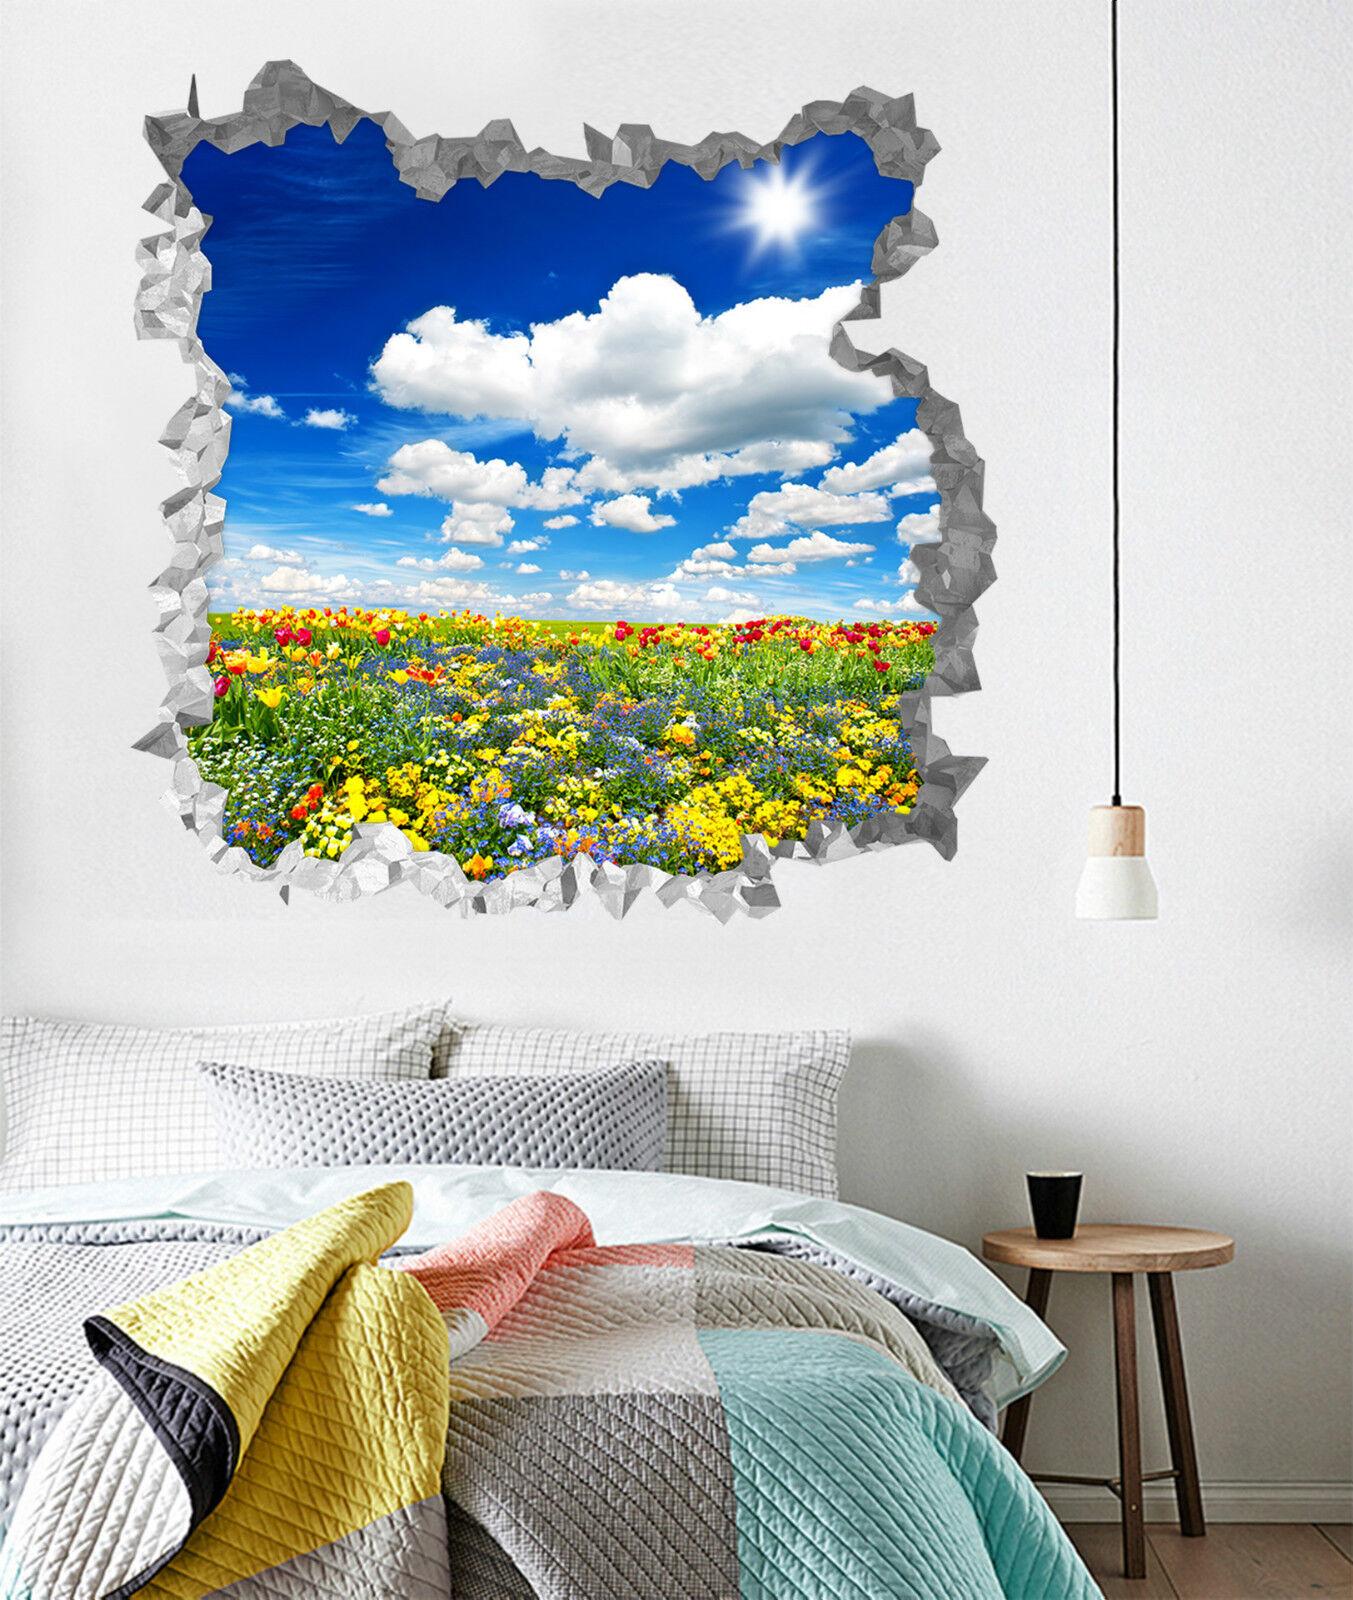 3D Pflanzen 4423 Mauer Murals Aufklebe Decal Durchbruch AJ WALLPAPER DE Lemon